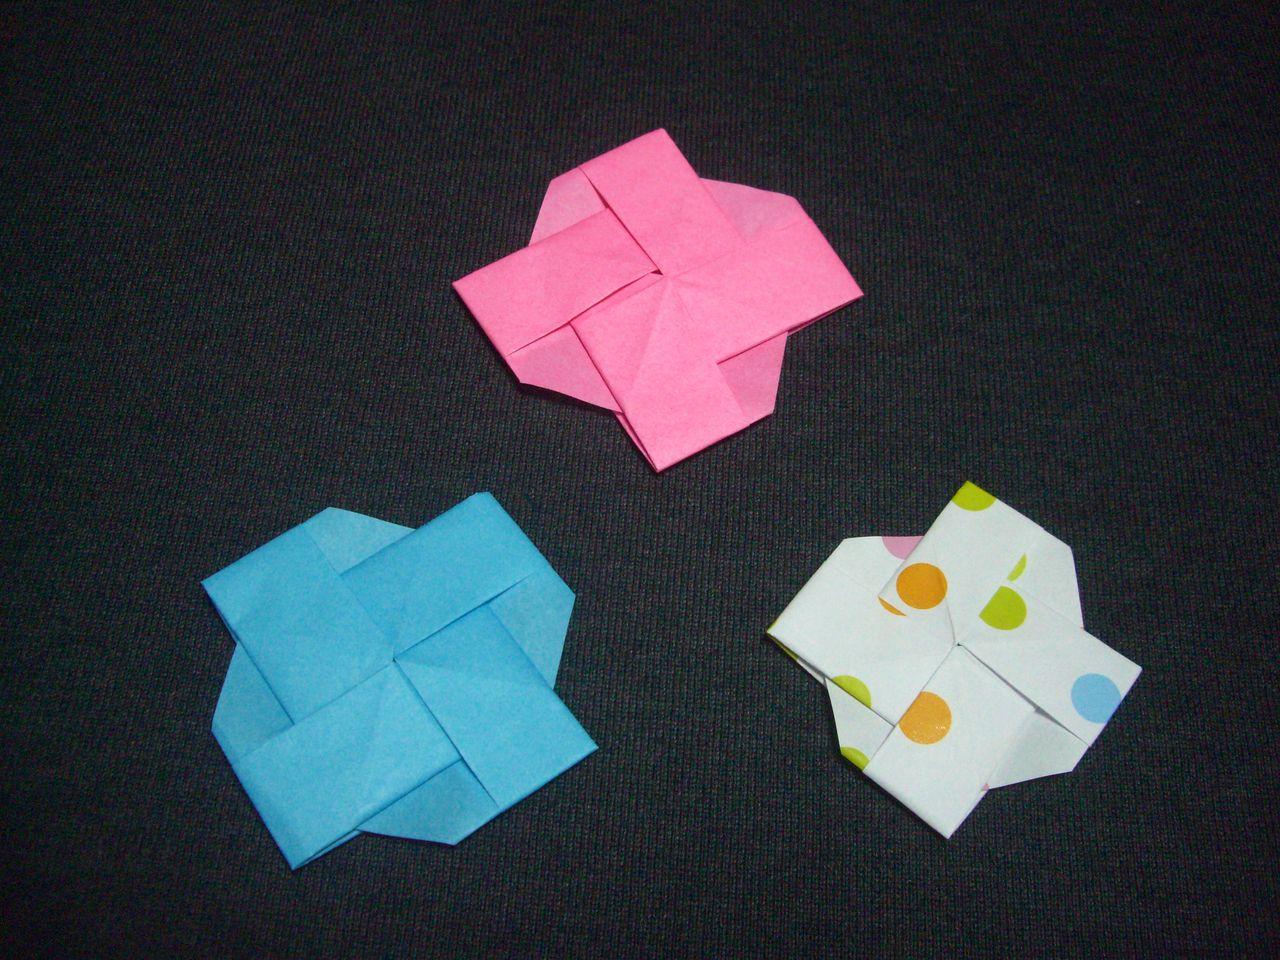 一枚の折り紙で簡単に折ること ... : かわいい折り紙の折り方 : 折り紙の